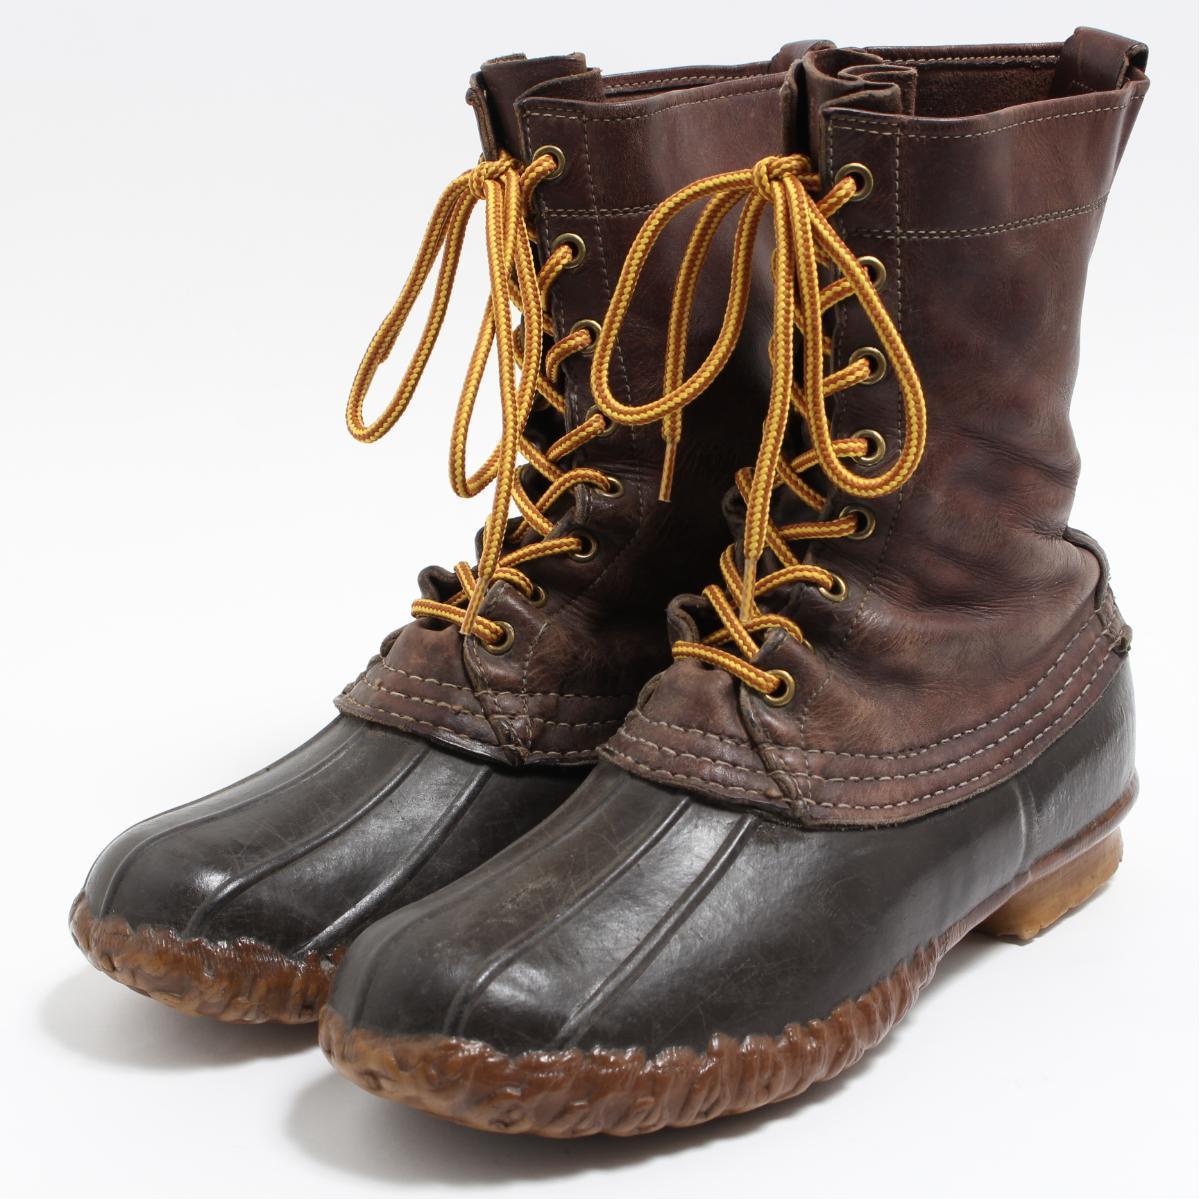 60年代 エルエルビーン L.L.Bean 筆記体タグ 10インチ 8ホール ビーンブーツ ハンティングブーツ USA製 8GM メンズ26.5cm ヴィンテージ /boo6621 【中古】 【190319】